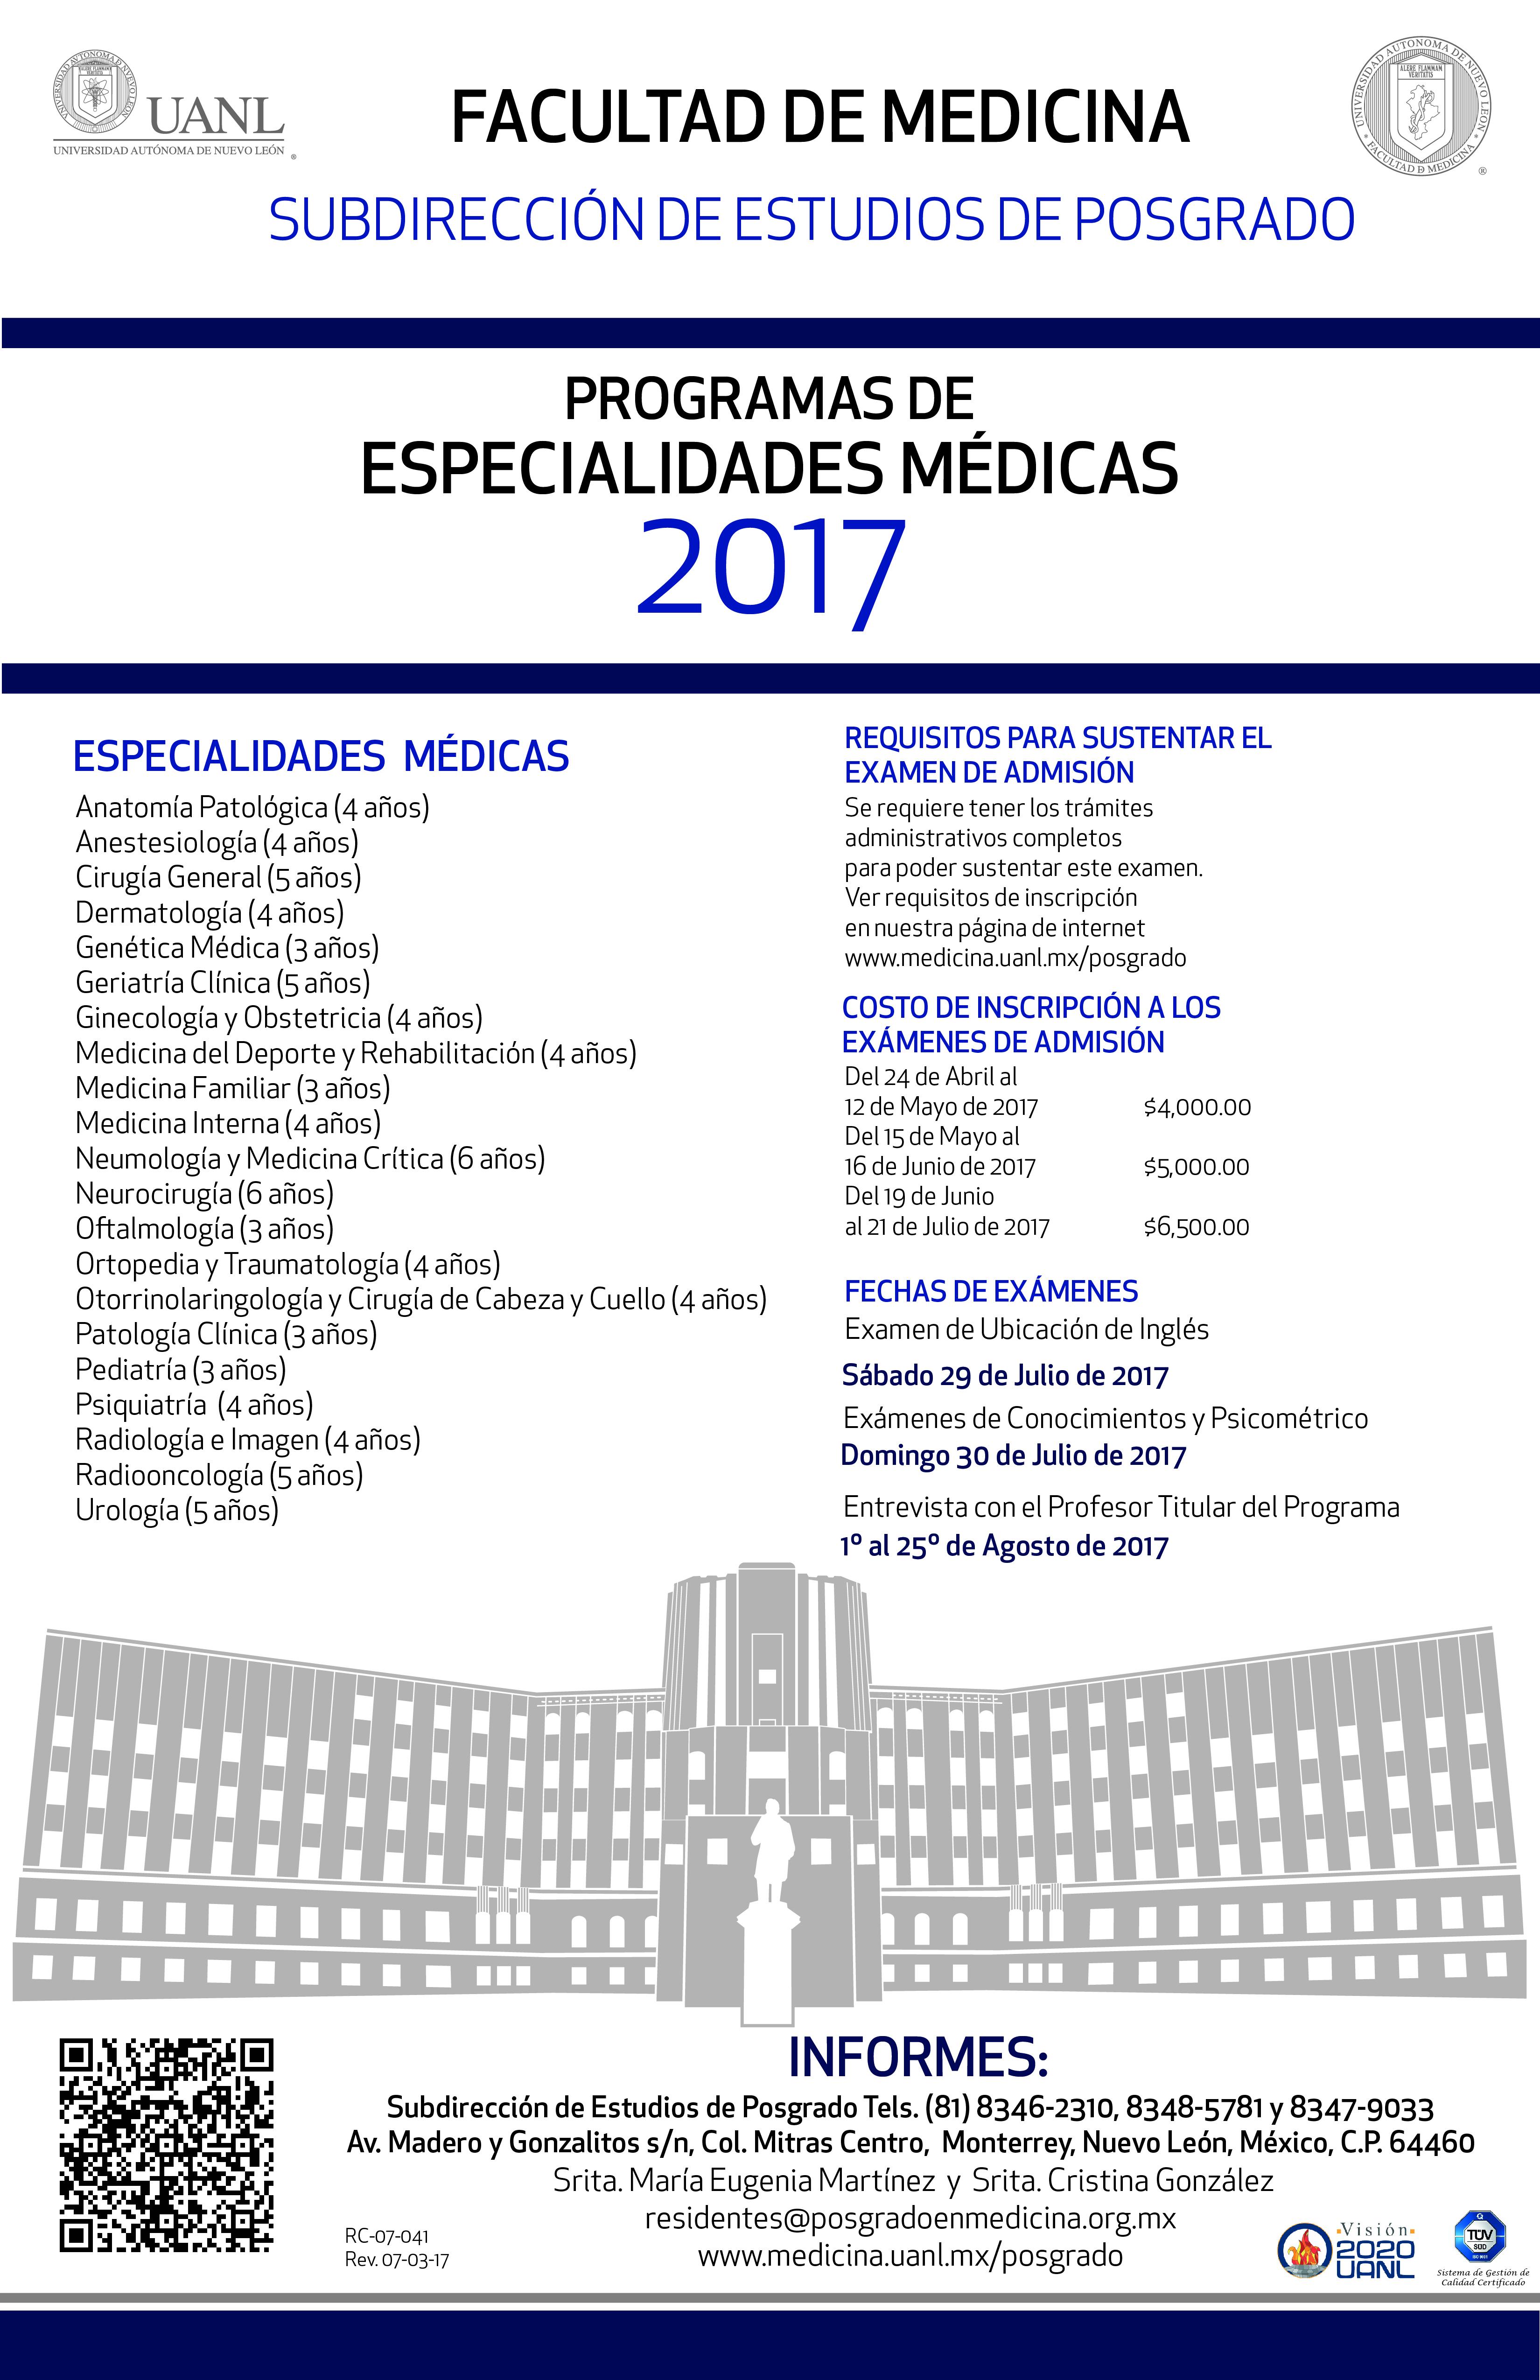 2018 - Convocatoria HU UANL 2017  - Página 5 Poster-2017